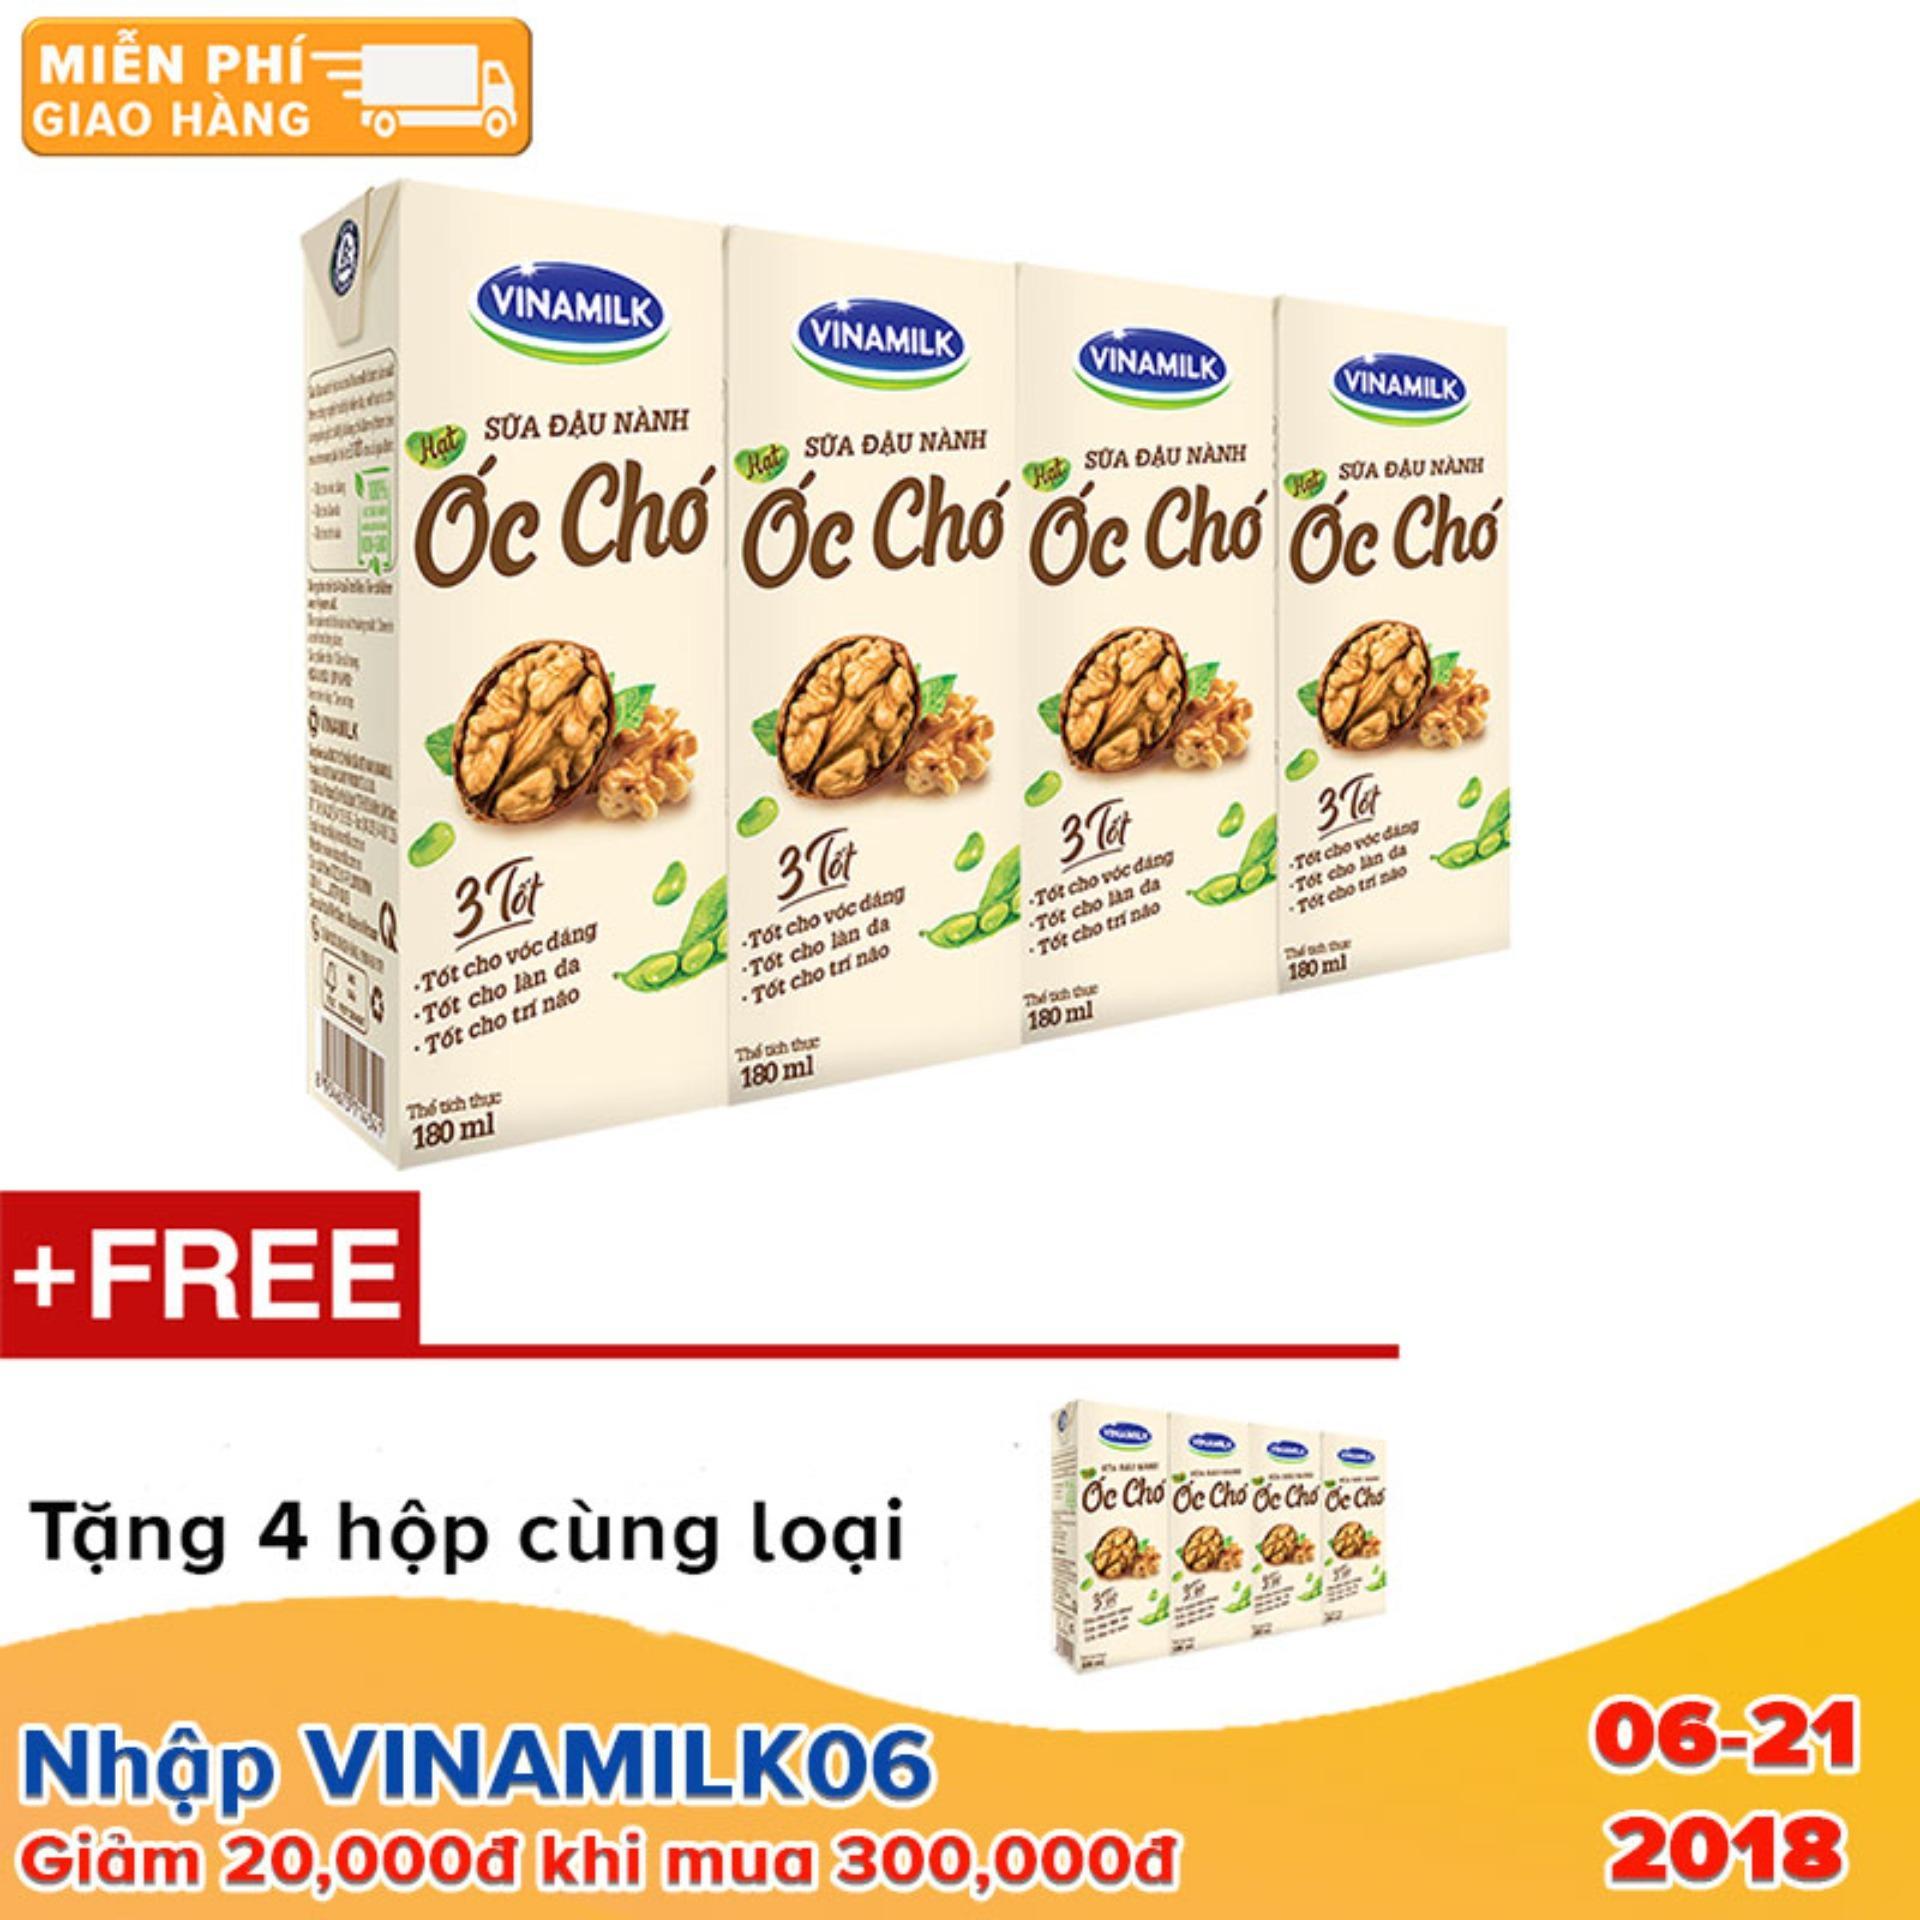 Thùng 12 lốc Sữa đậu nành Vinamilk hạt Óc chó - Lốc 4 hộp x 180ml+ Tặng 4 hộp cùng loại